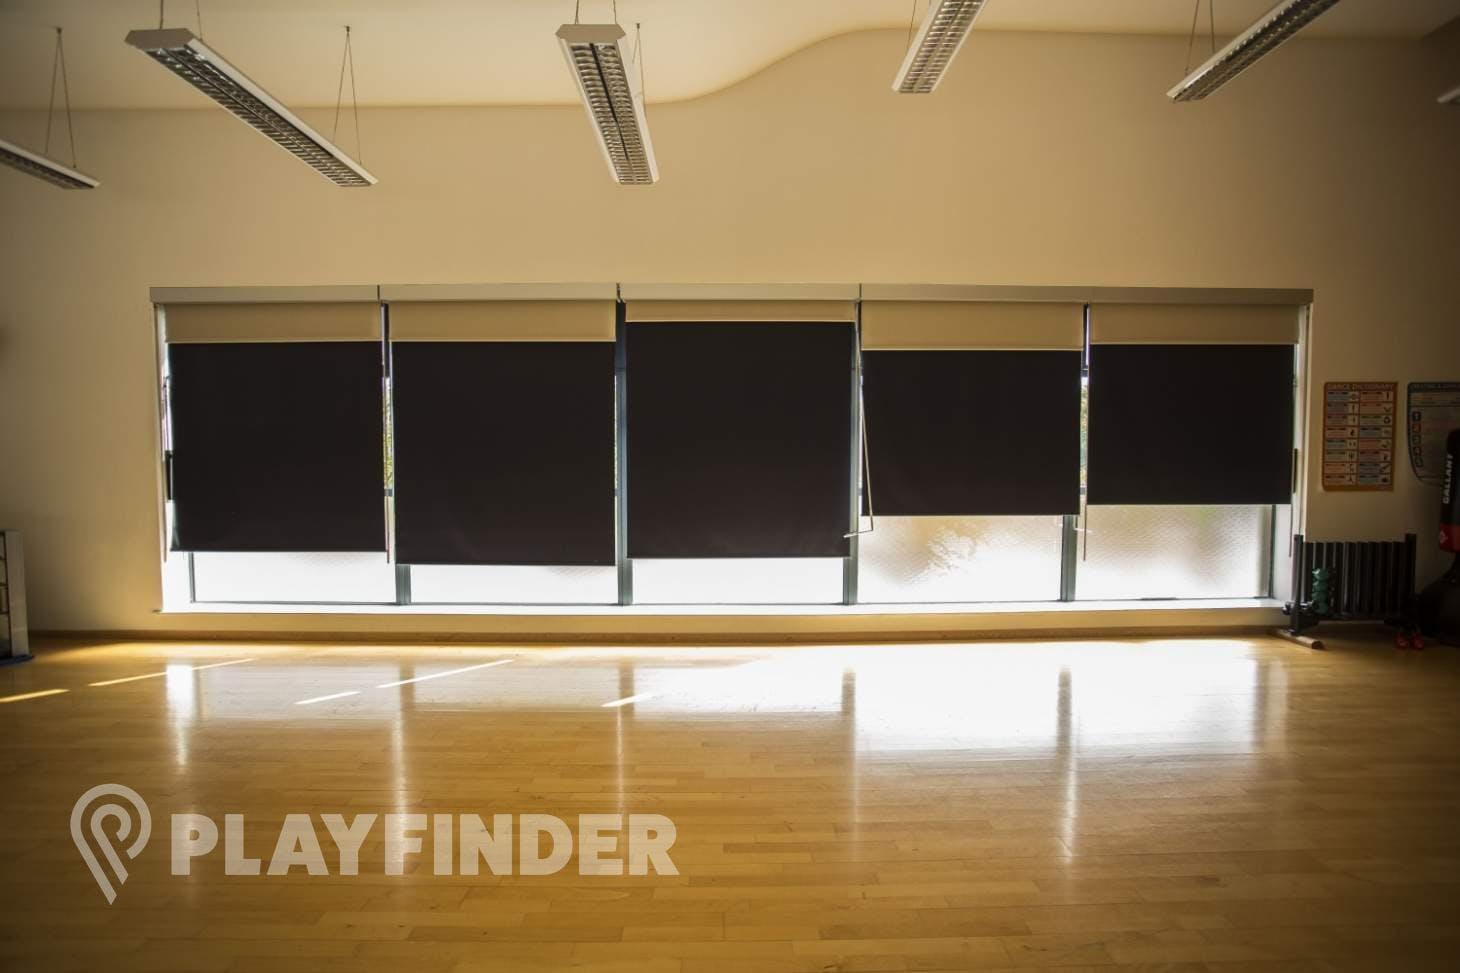 St Helen's Sports Complex Studio | Dance studio space hire